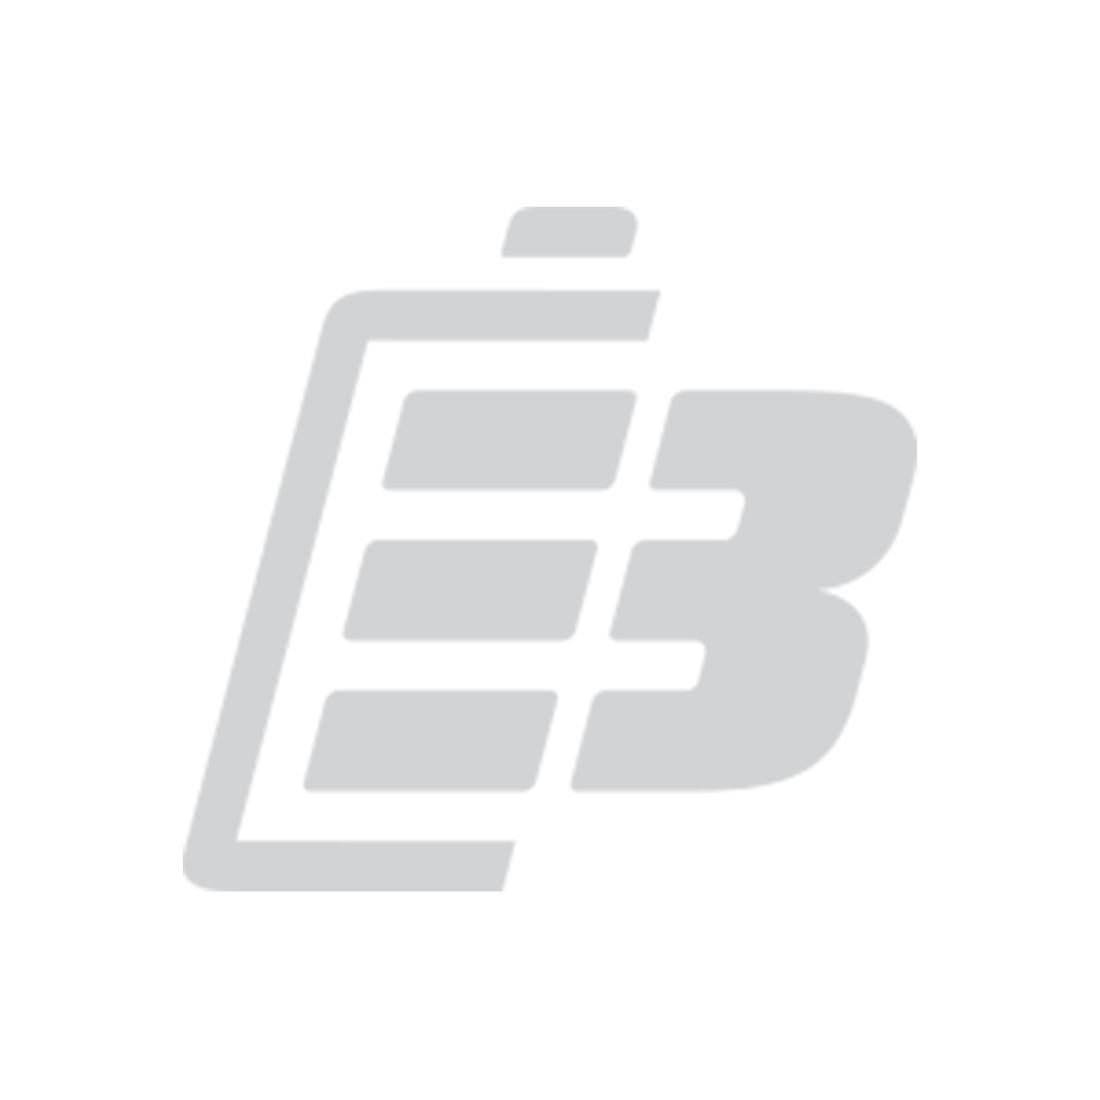 Μπαταρια προφορτισμενη Powerex 8,4V 300mAh 1